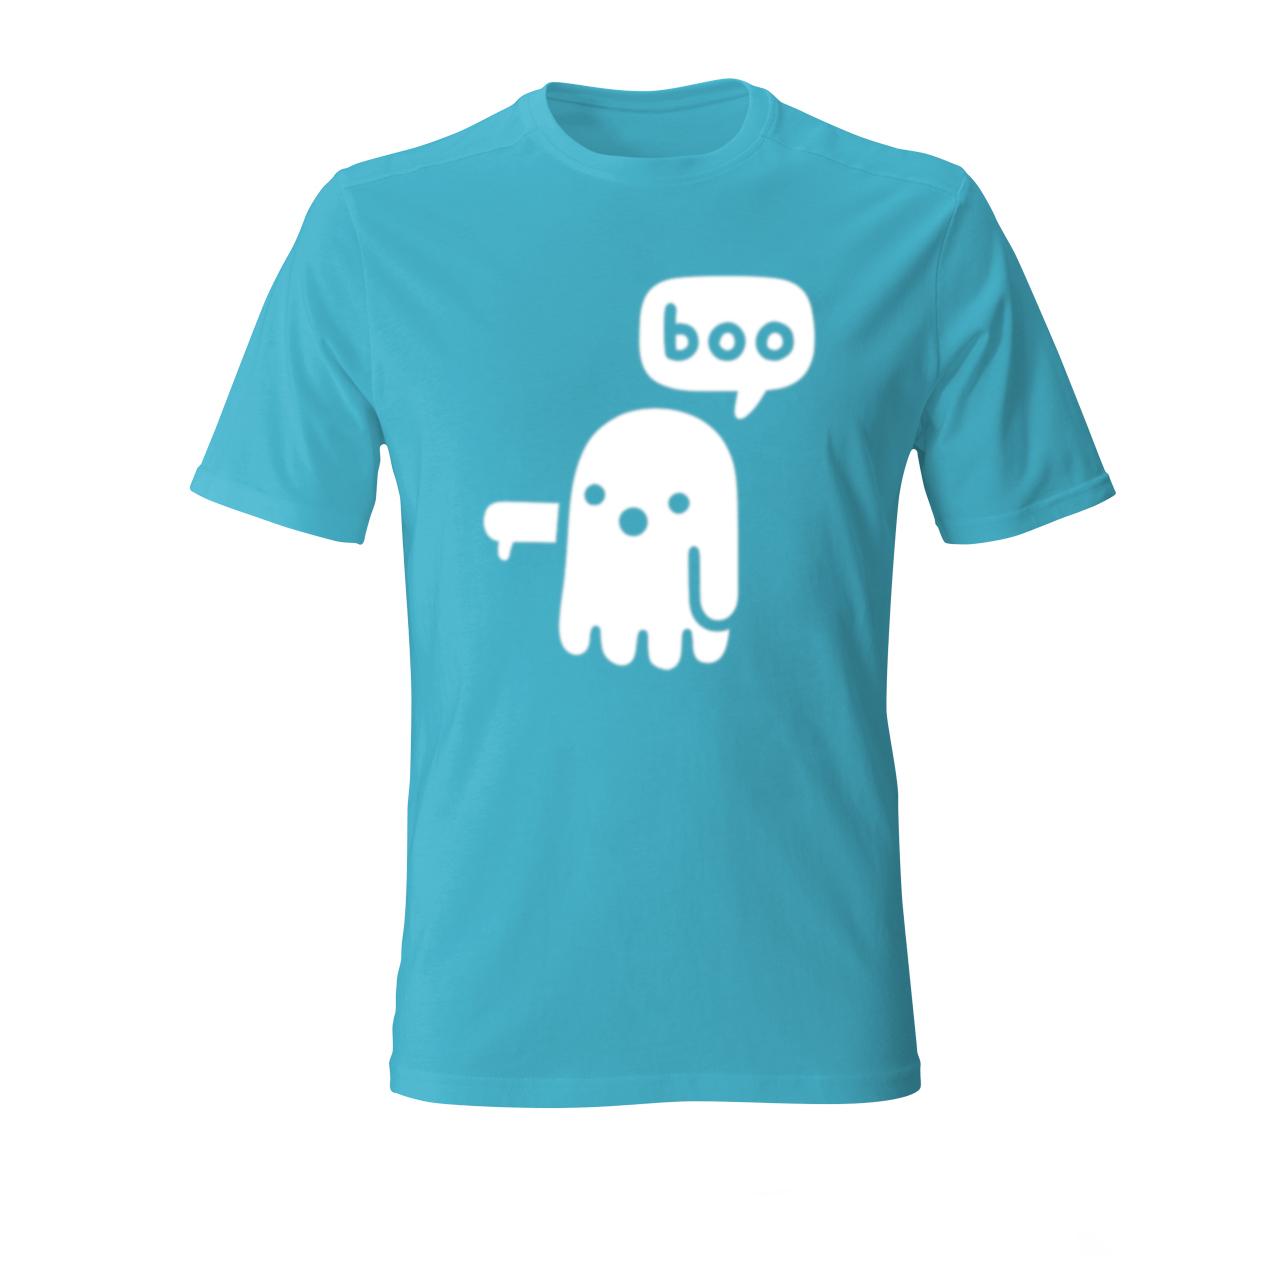 تی شرت مردانه طرح BOO14